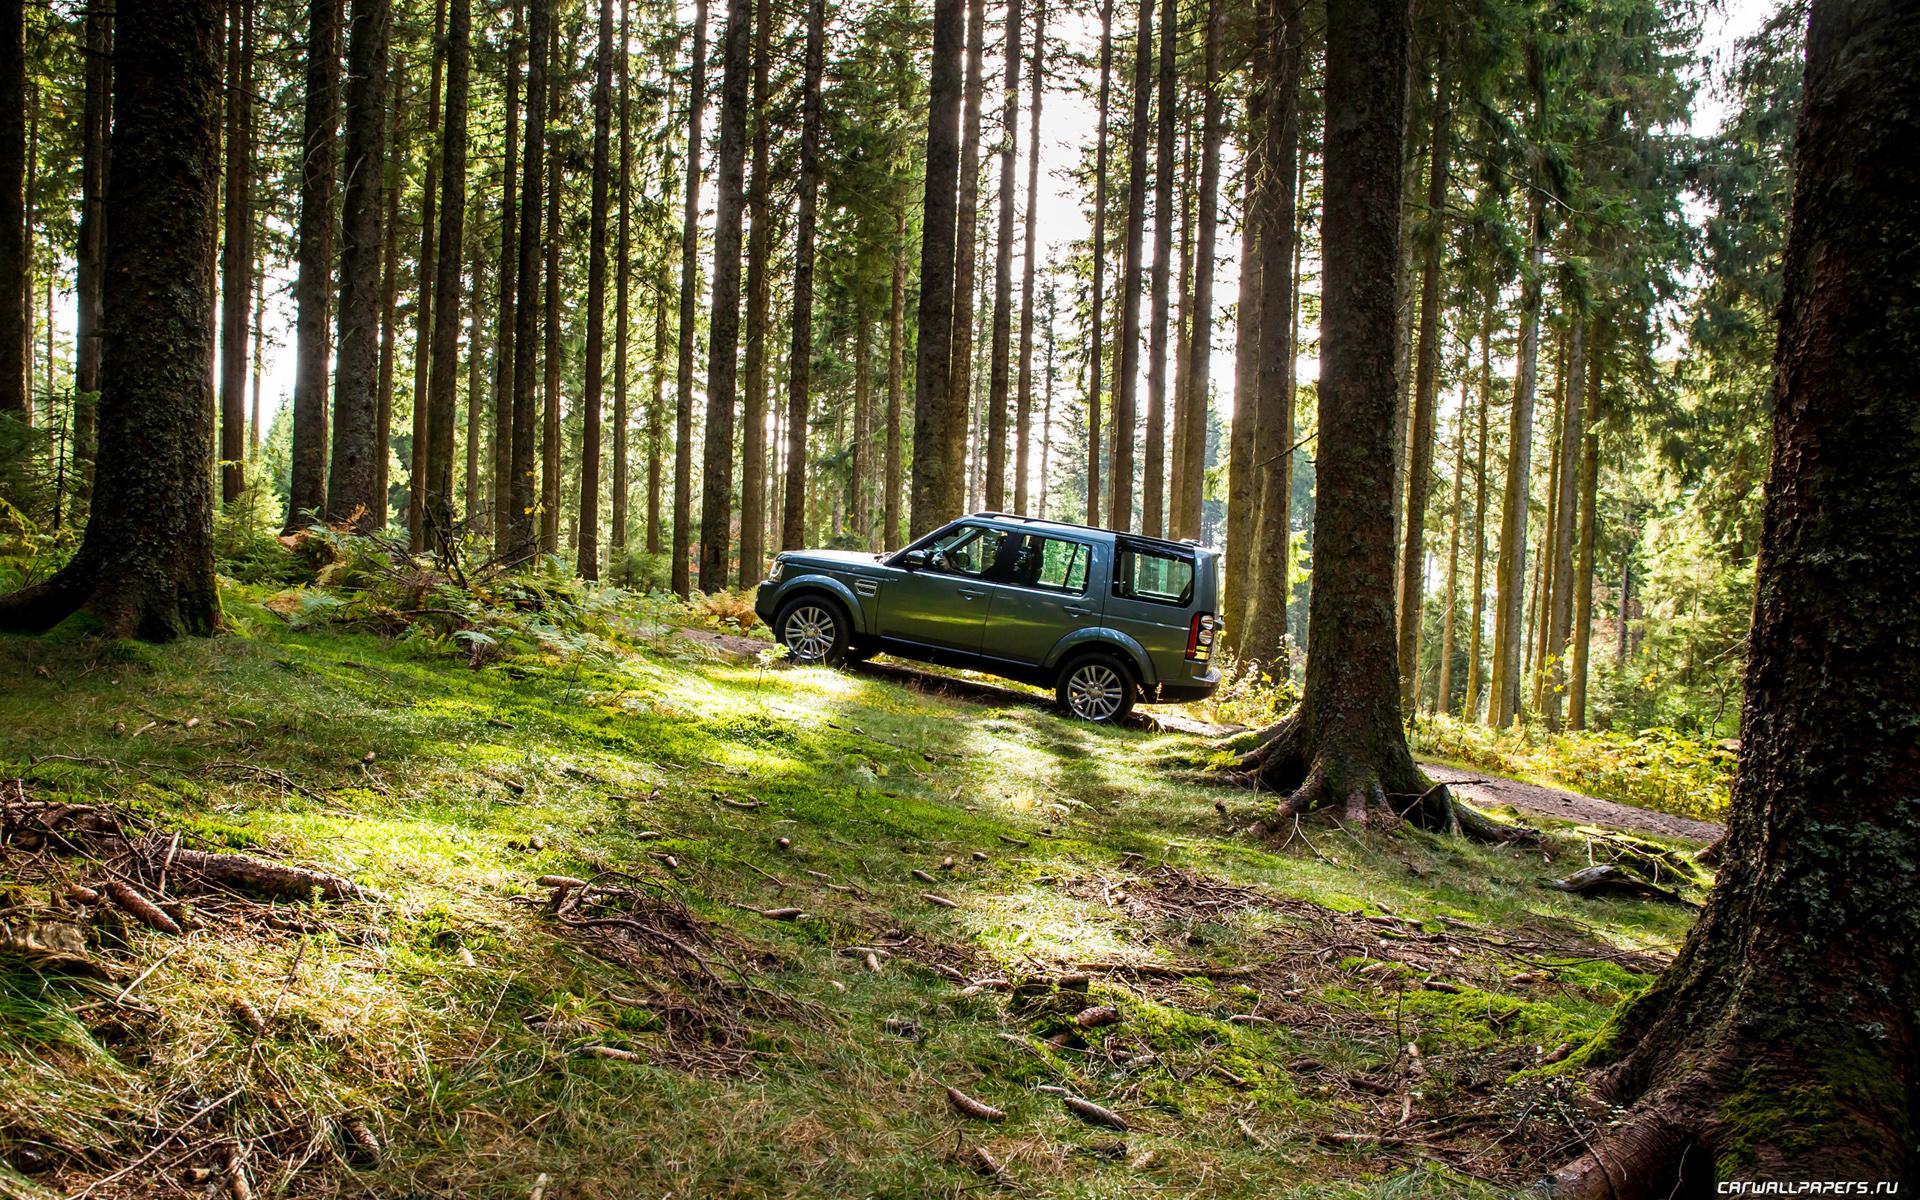 Новый land rover discovery sport приходит на рынок именно в тот момент